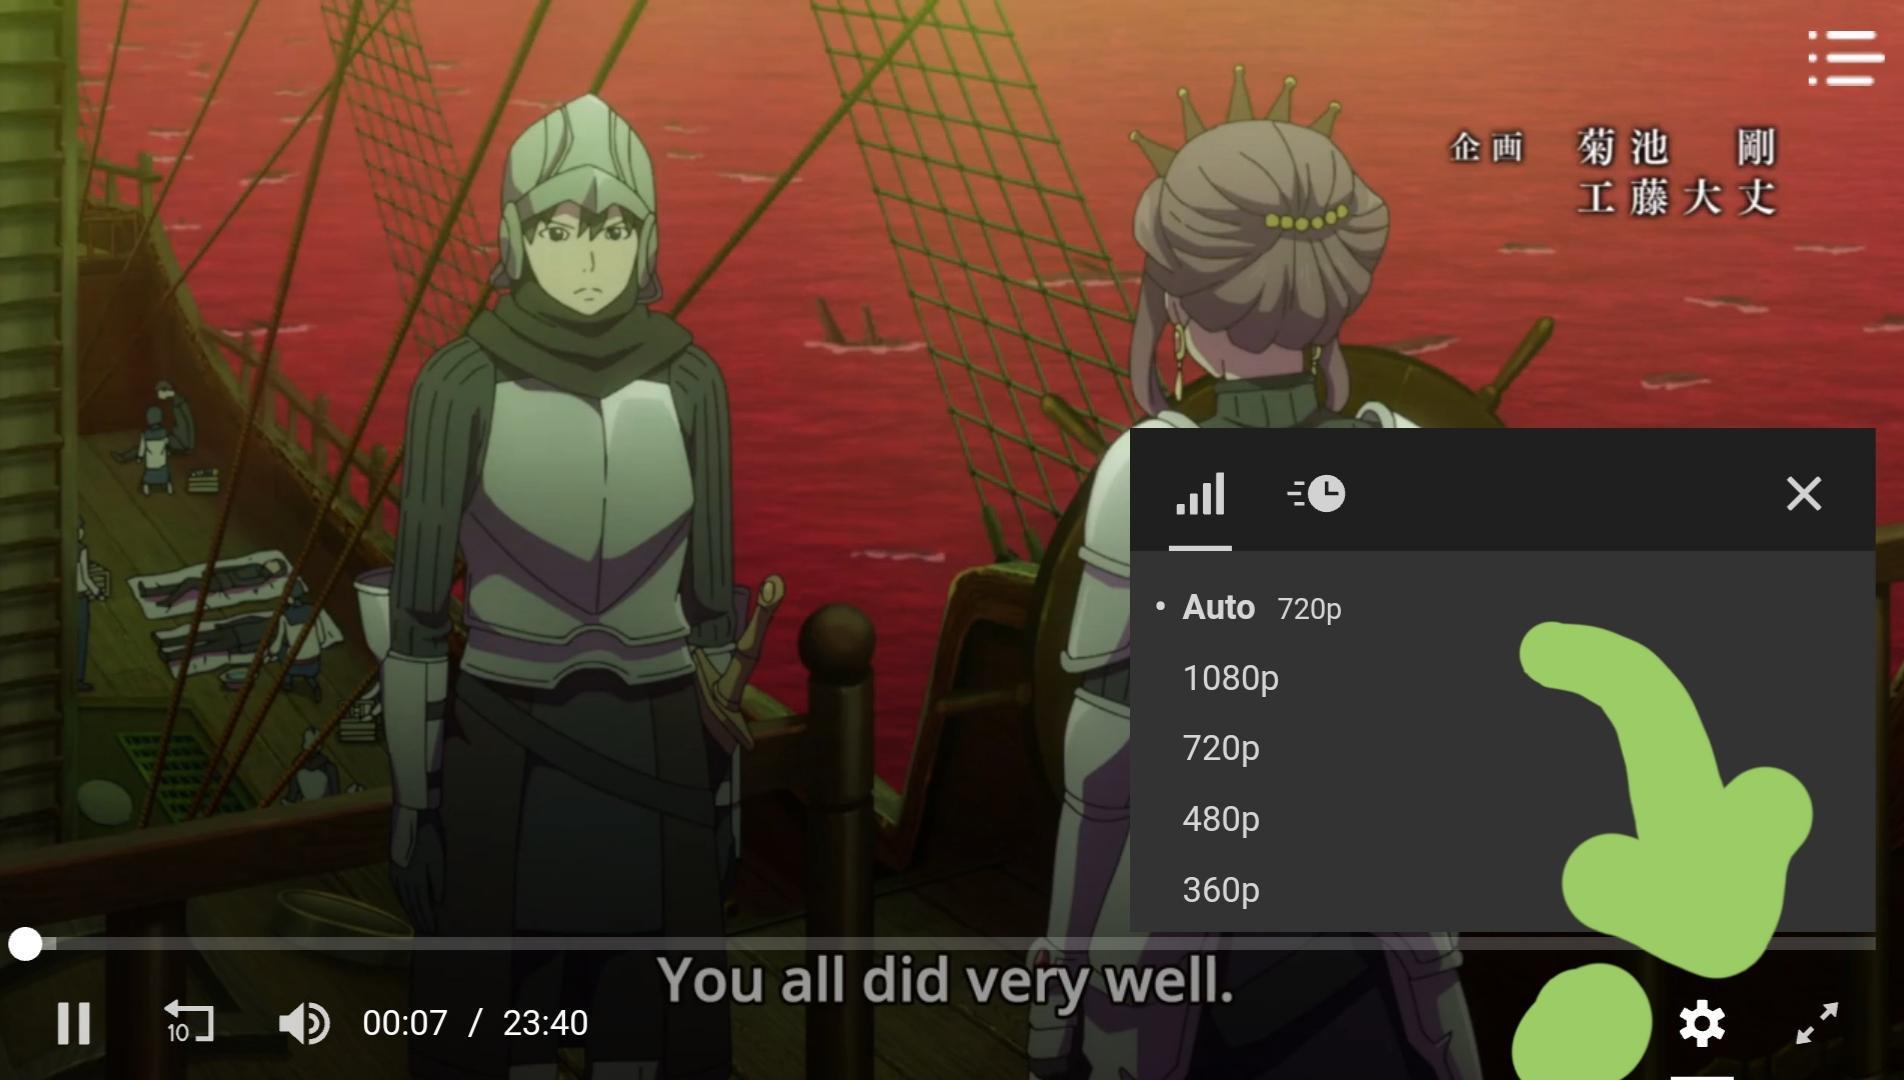 تحميل gogo anime تطبيق لمشاهدة الأنمي 2021